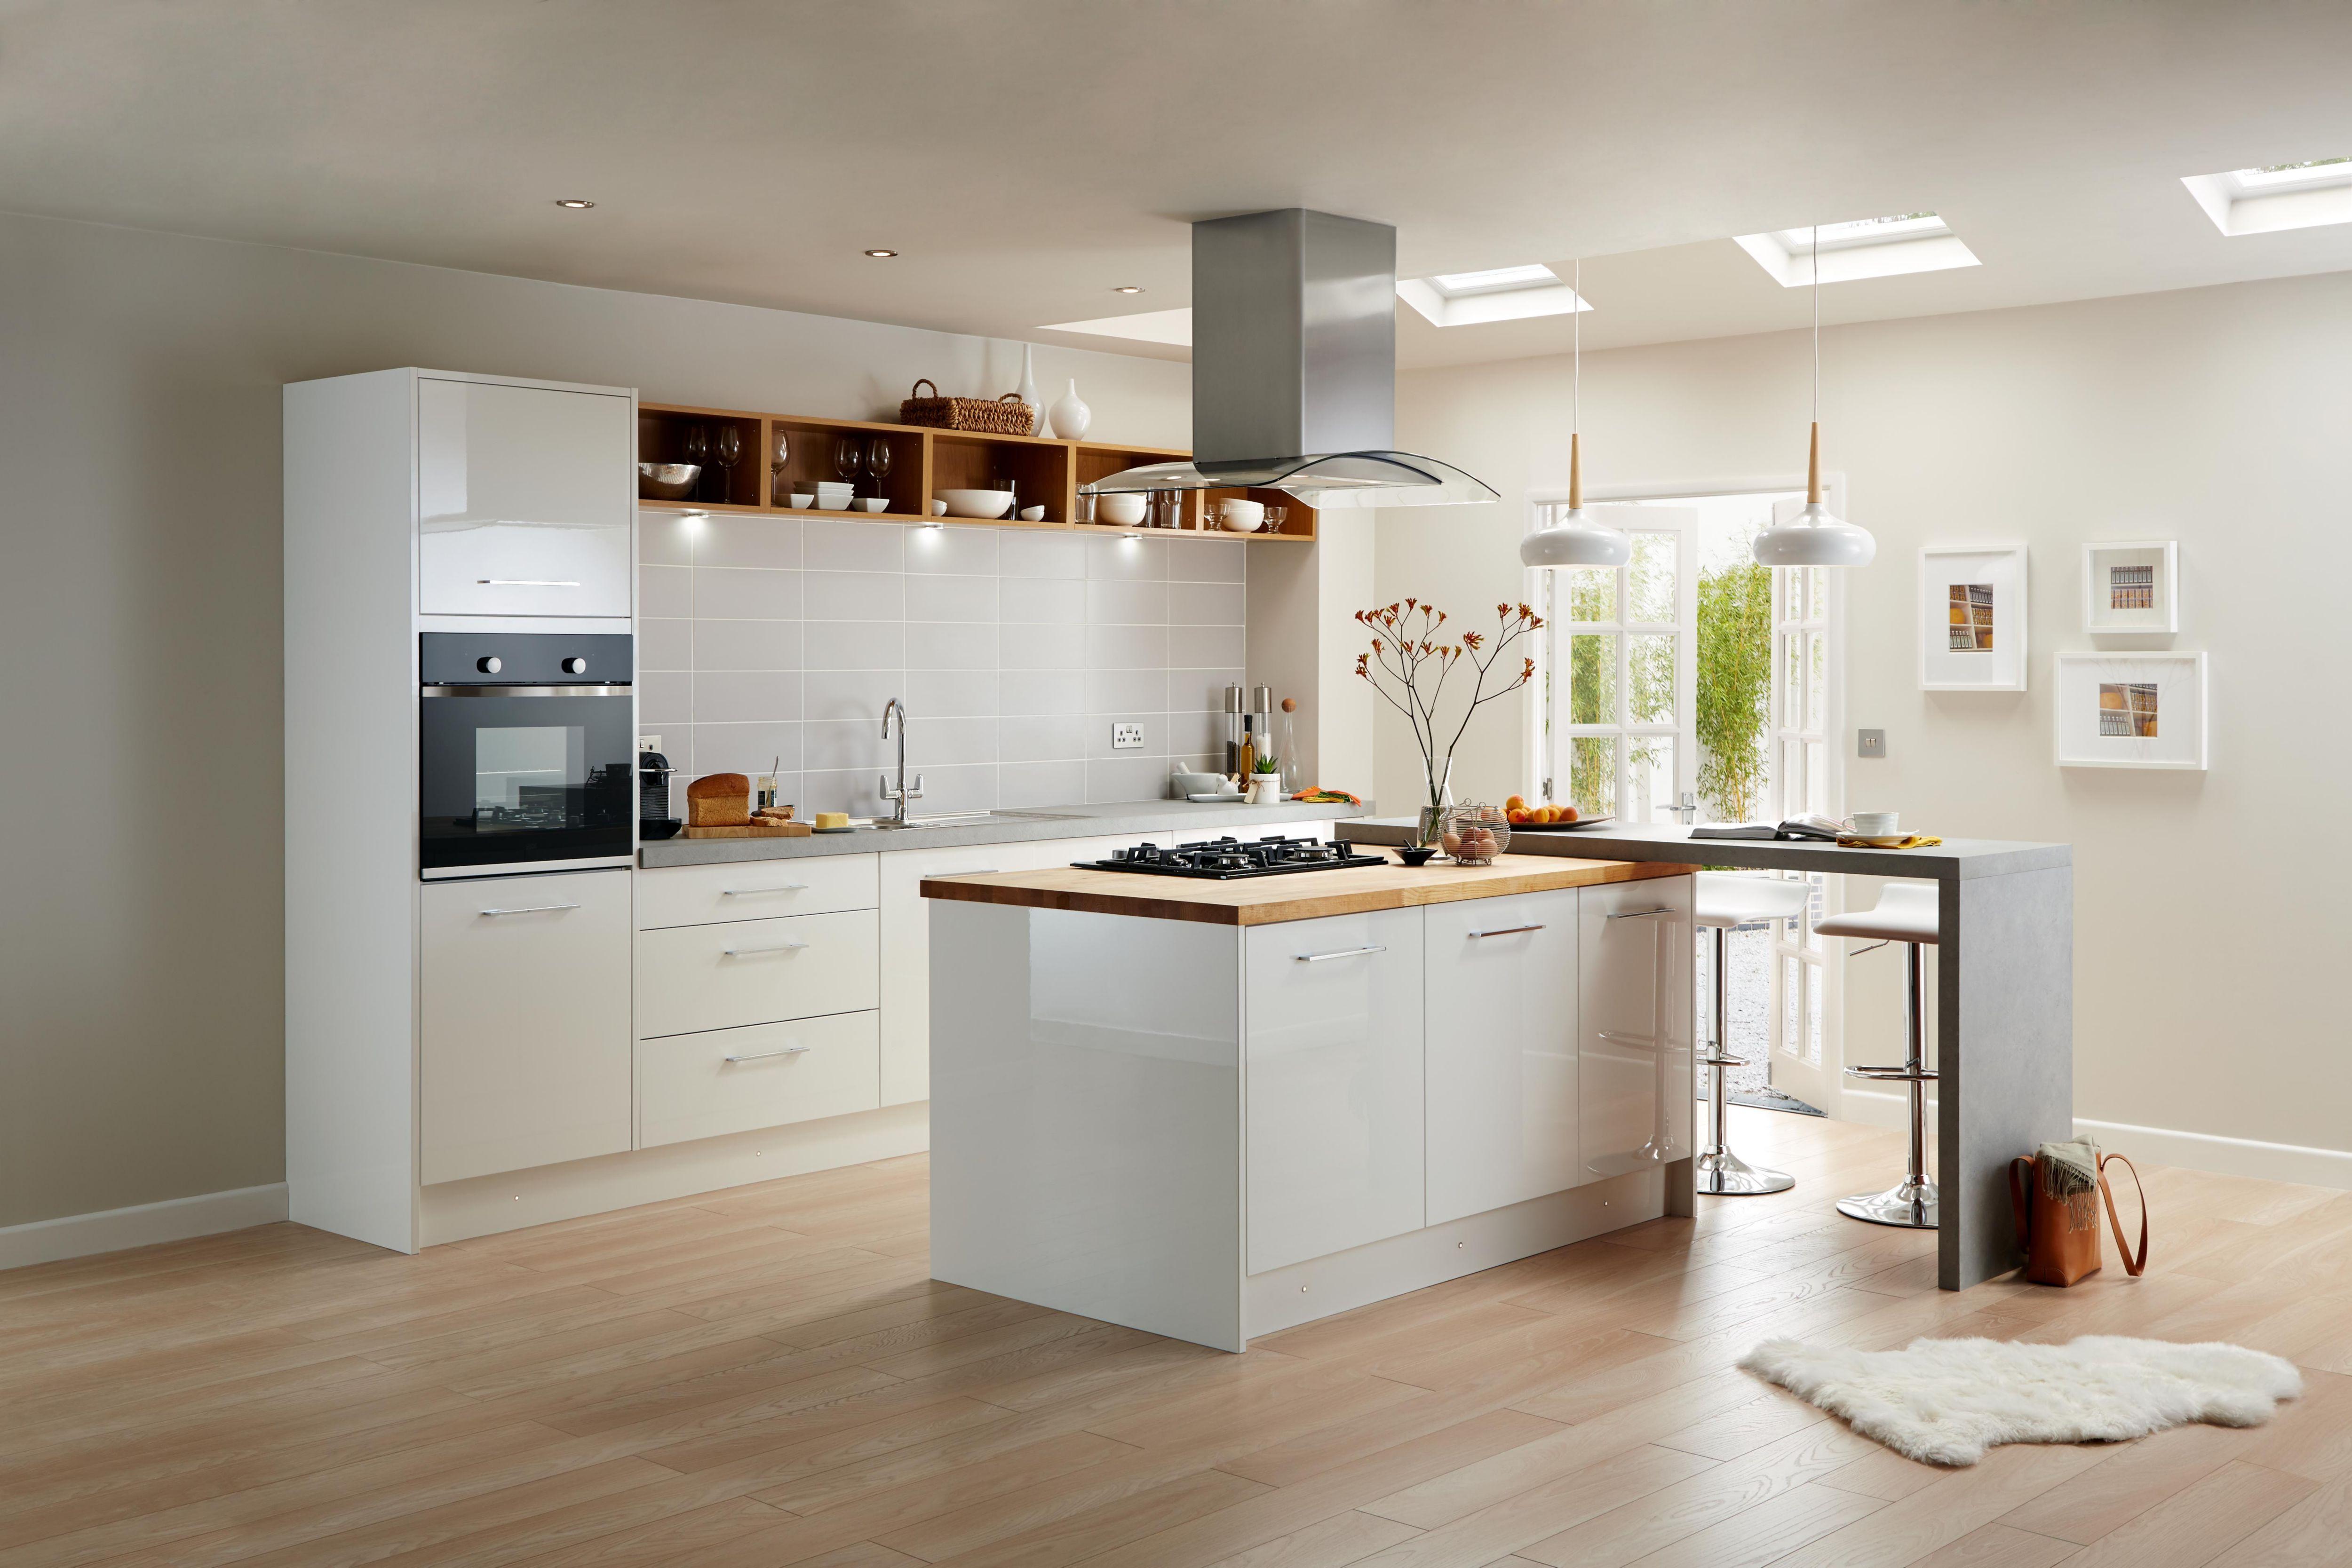 Kitchens Kitchen Worktops Cabinets DIY at BQ